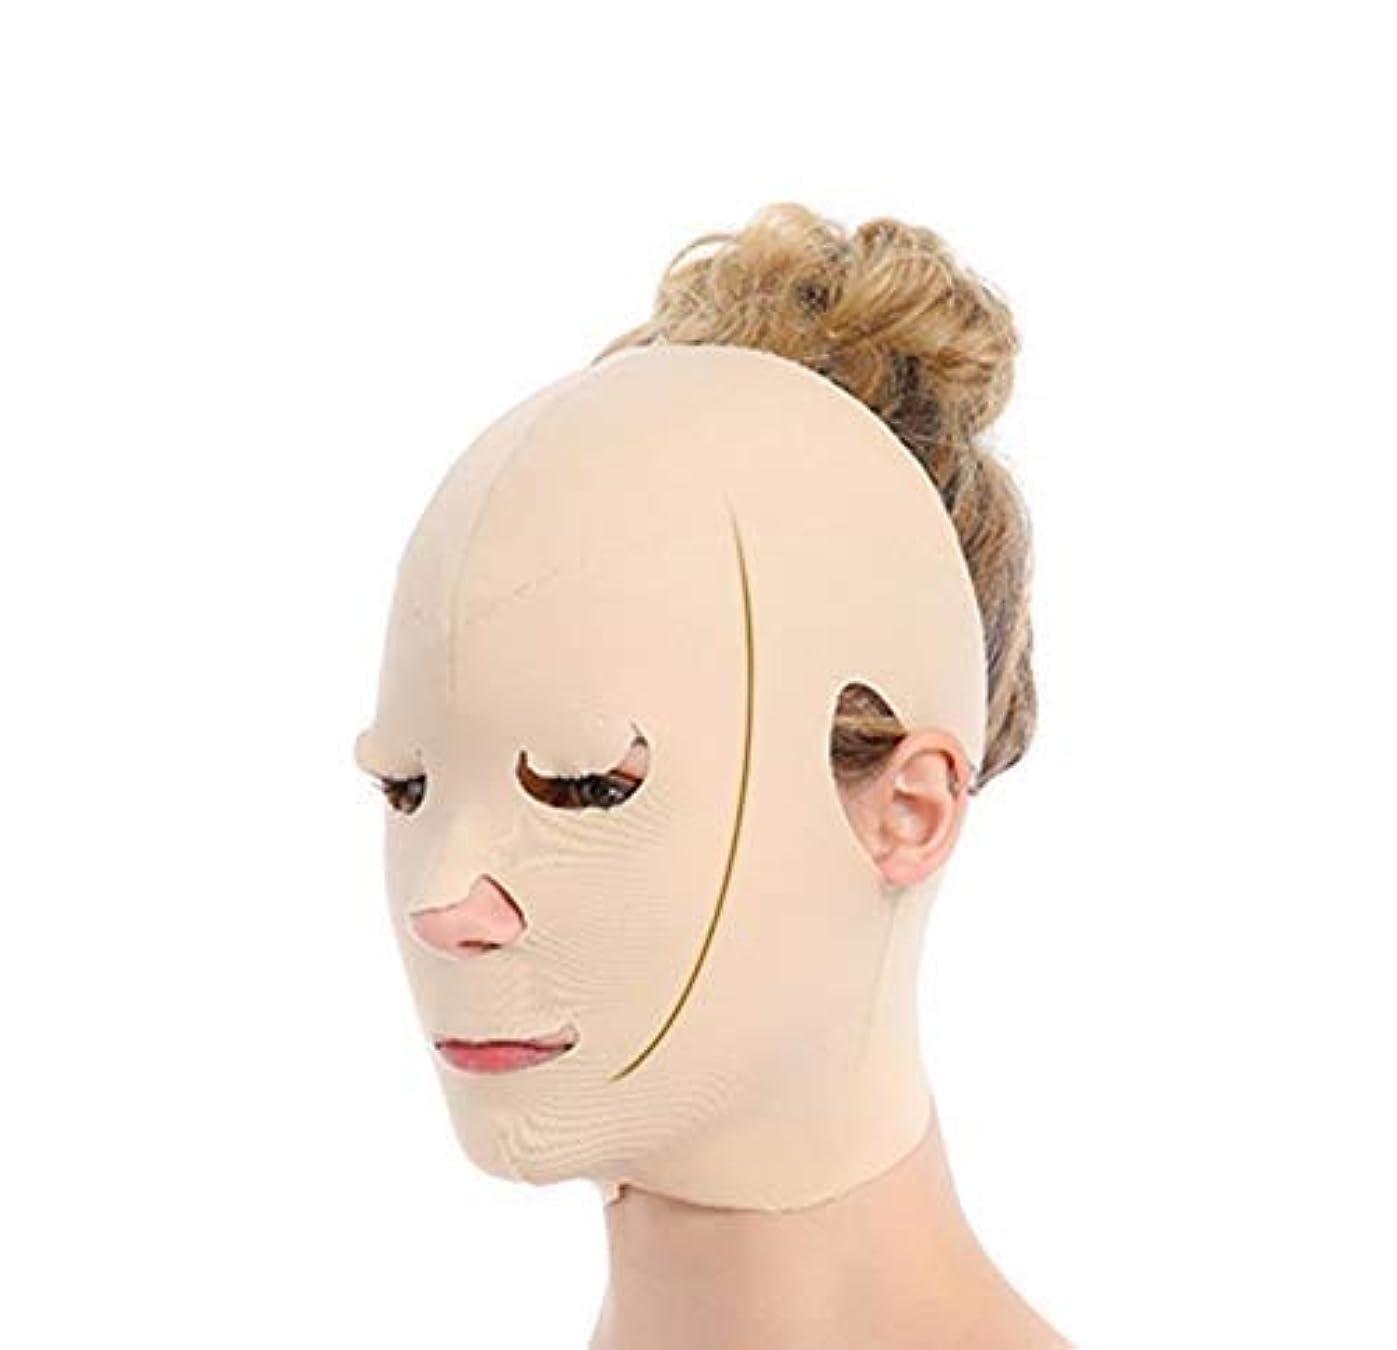 極めて重要な助けになるビリーヤギ小さな顔ツールV顔包帯薄い顔美容マスク怠zyな睡眠マスク男性と女性V顔包帯整形リフティングファーミングフェイスシンダブルチン